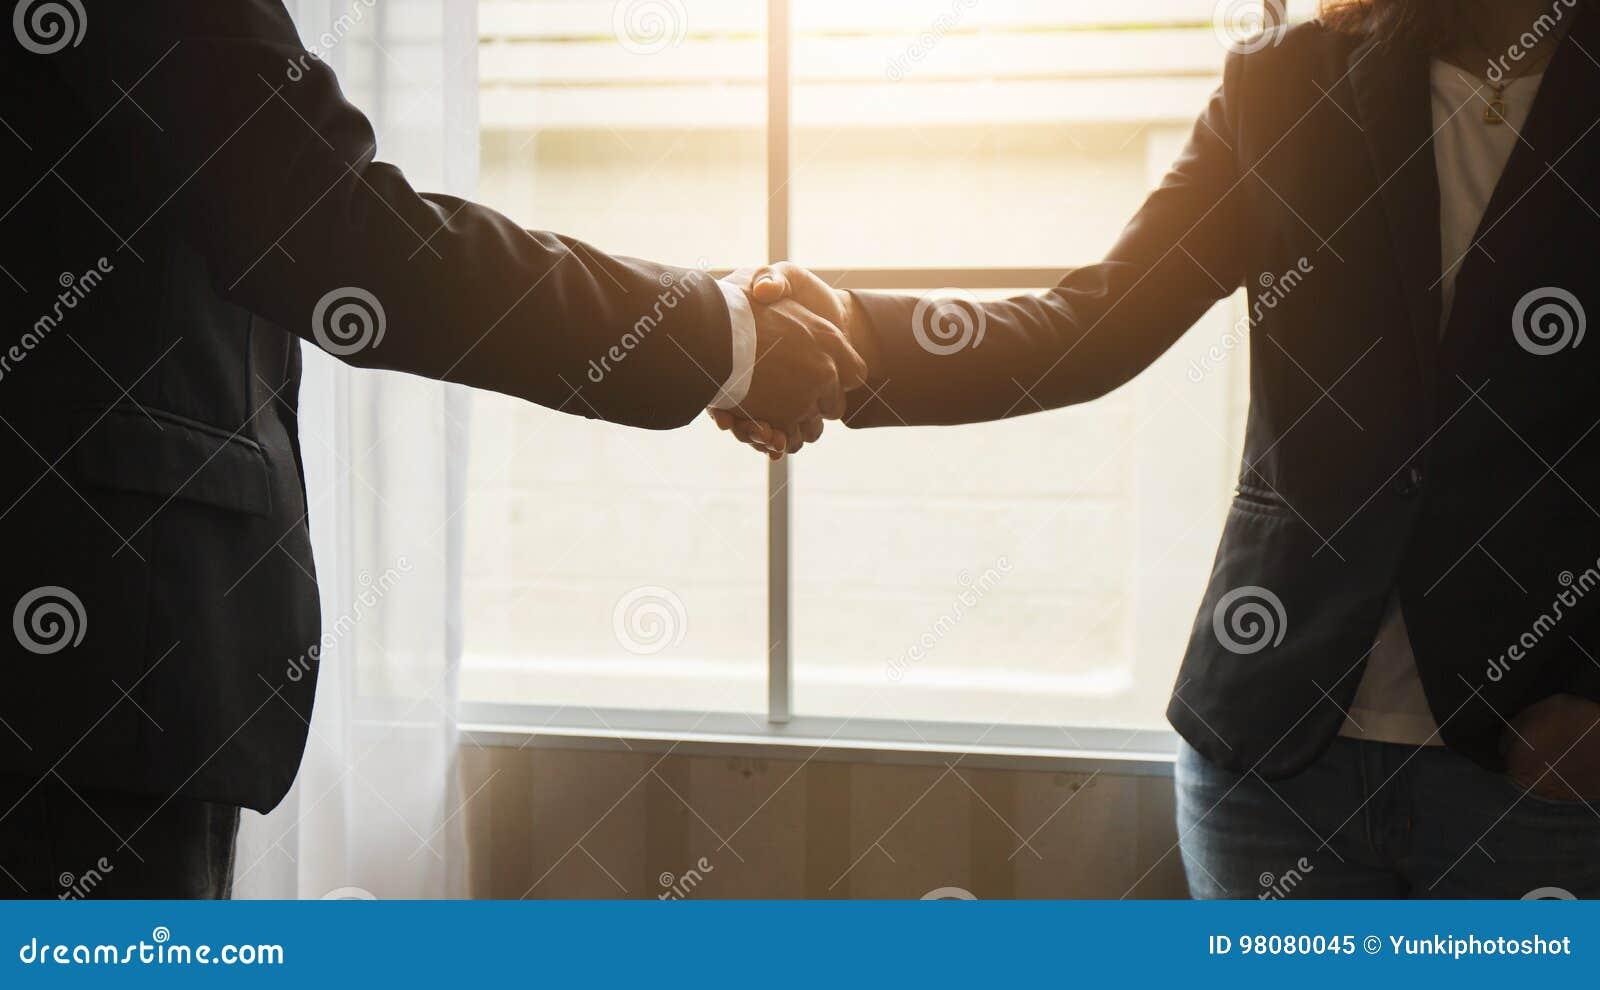 Handdruk tussen procureurs en cliënten na het overeenkomen om in een contract binnen te gaan